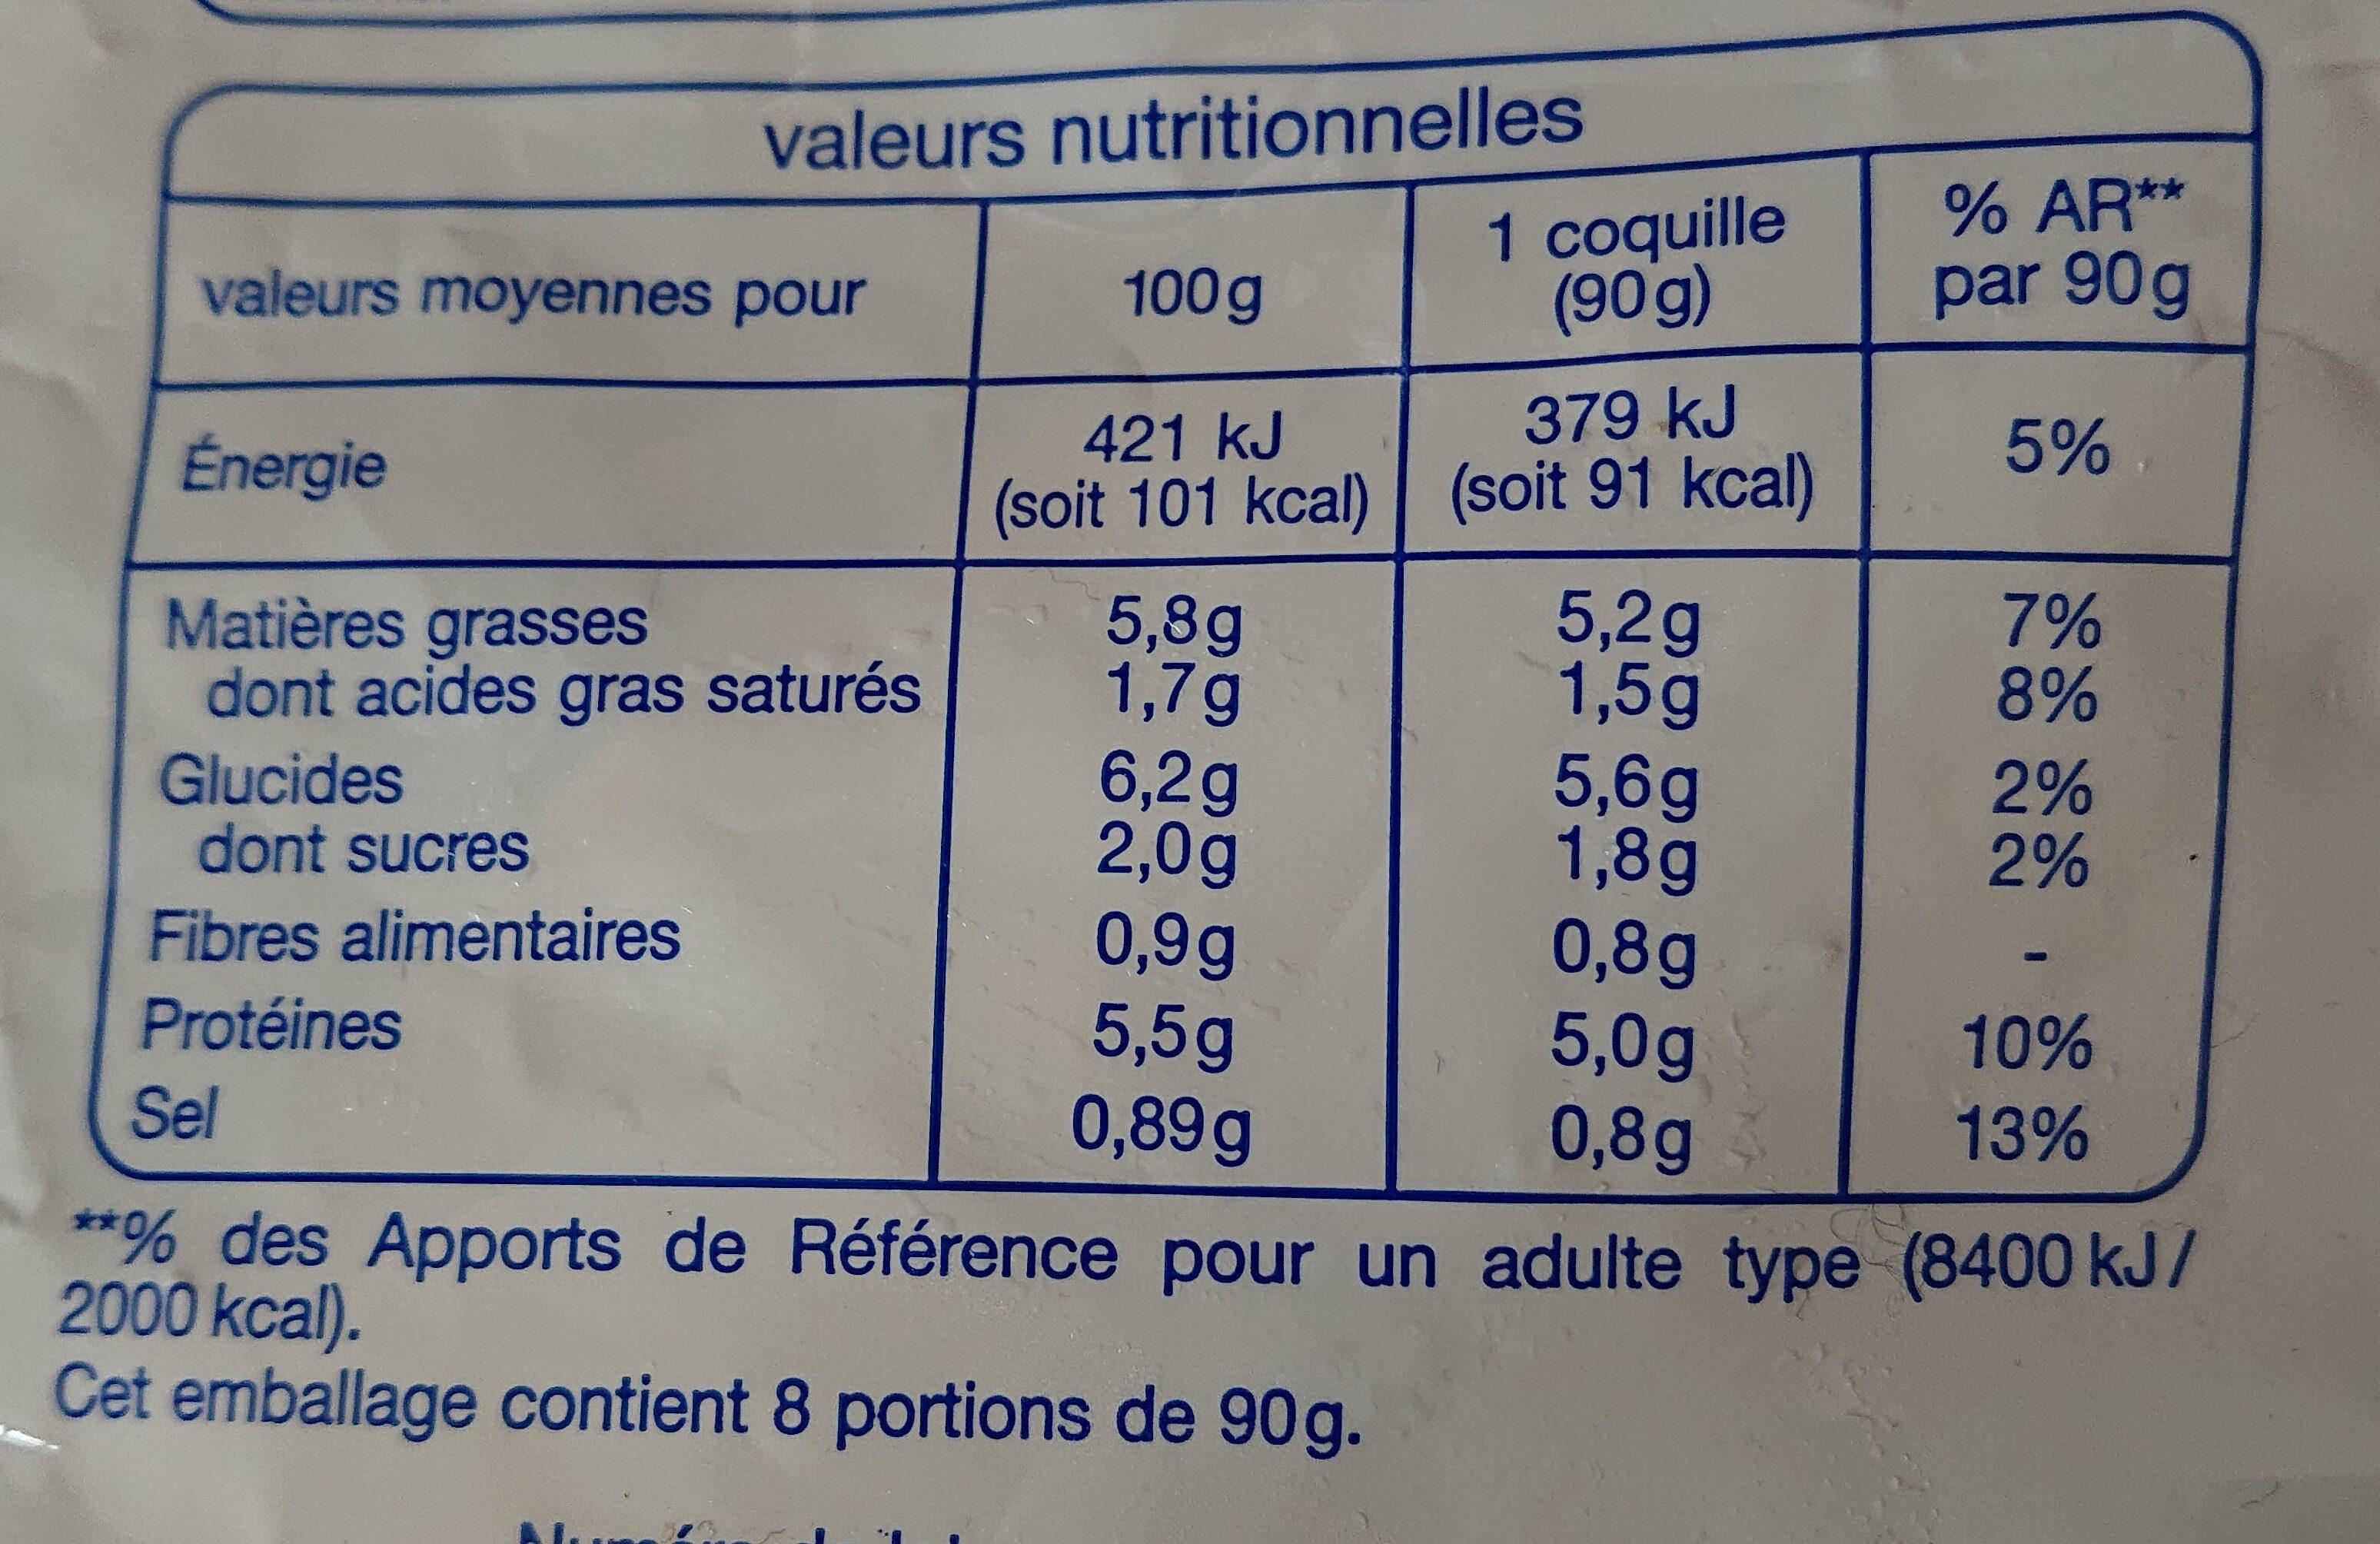 8 coquilles st-jacques cuisinés à la bretonne - Nutrition facts